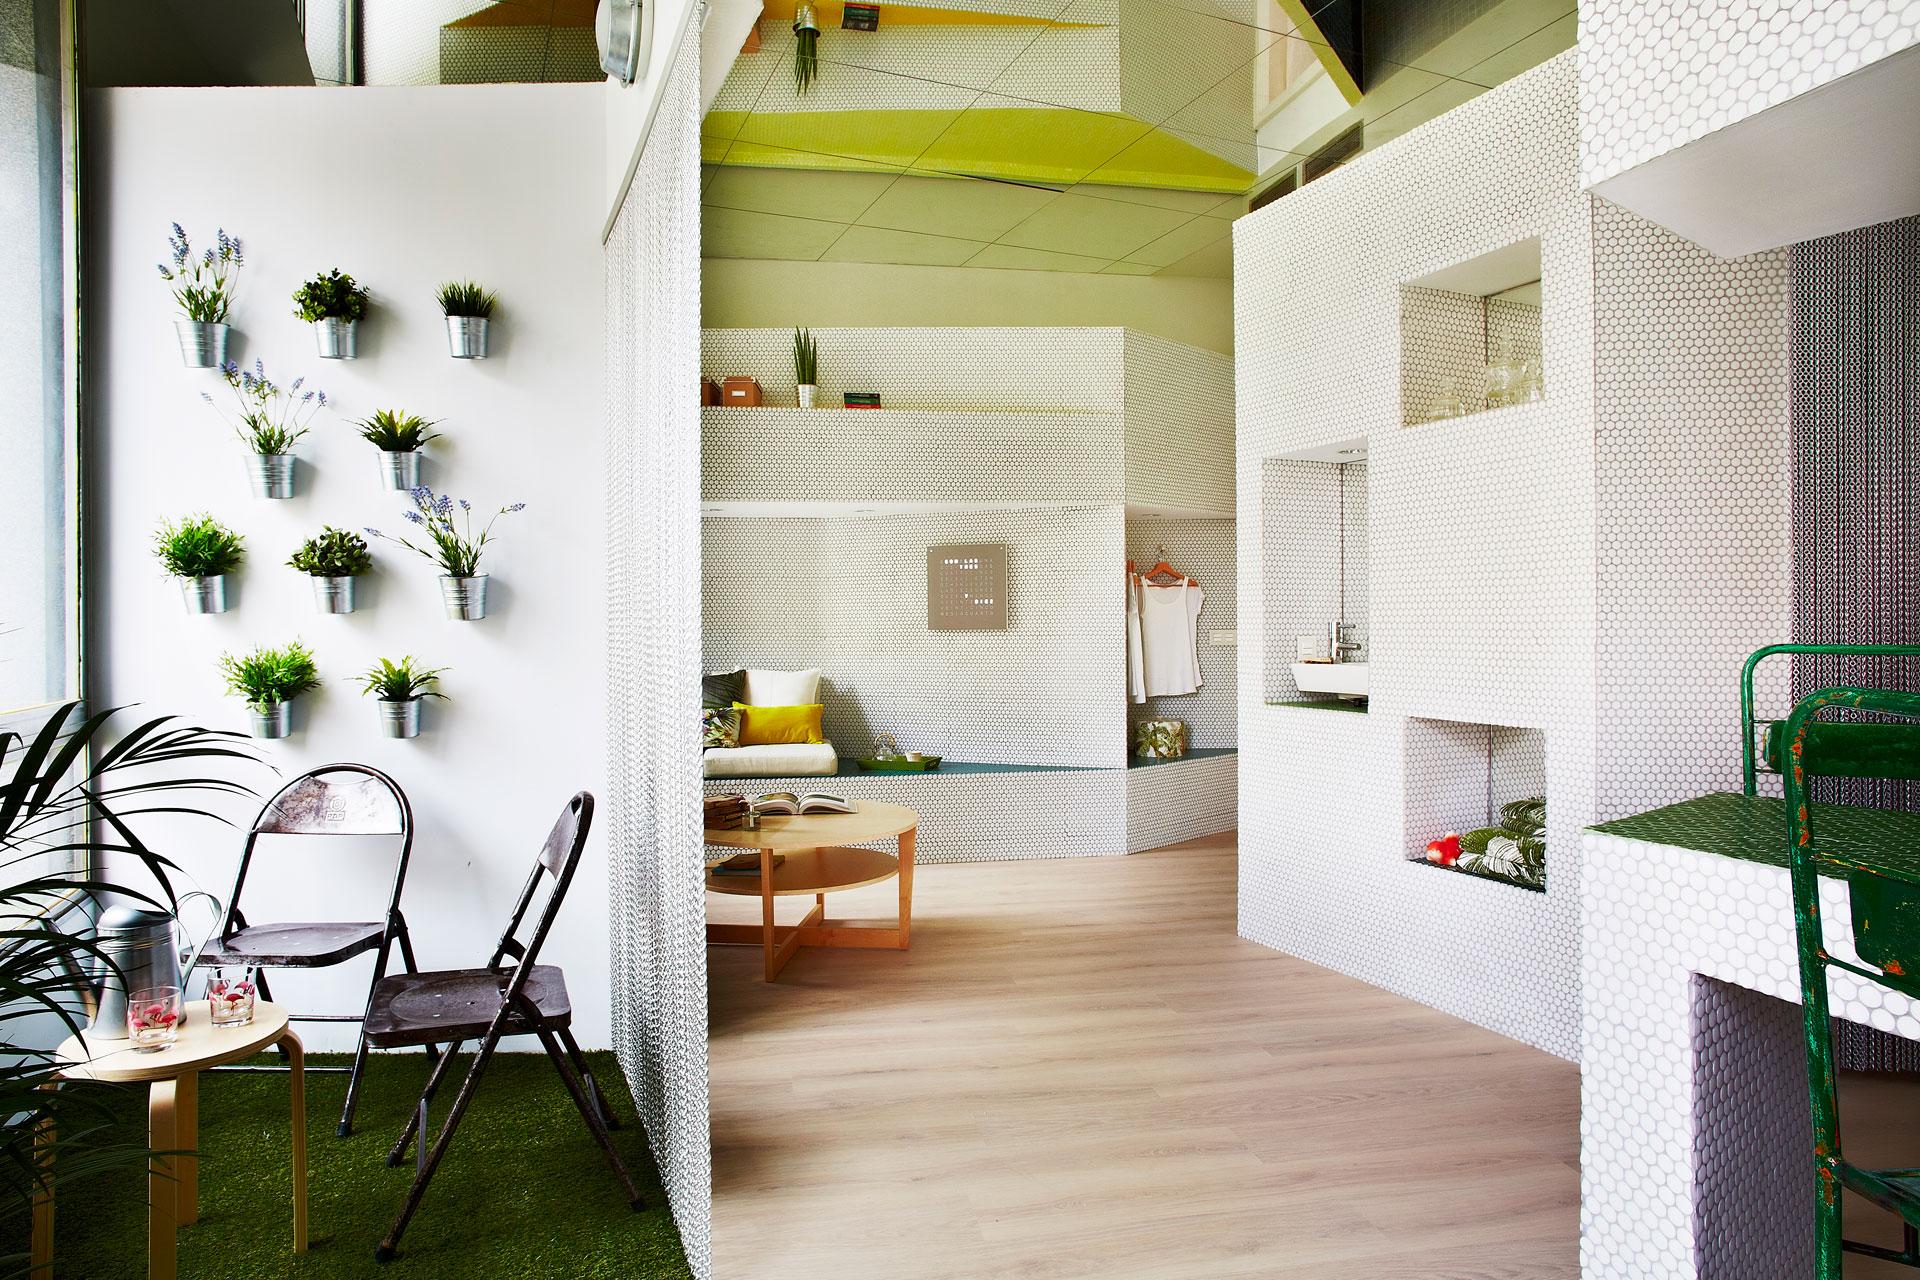 สวย จบ ครบในพื้นที่ 36 ตร.ม. ด้วยฟังก์ชั่นที่น่าอยู่ และเหมาะสำหรับคนเมือง 2 - Art & Design